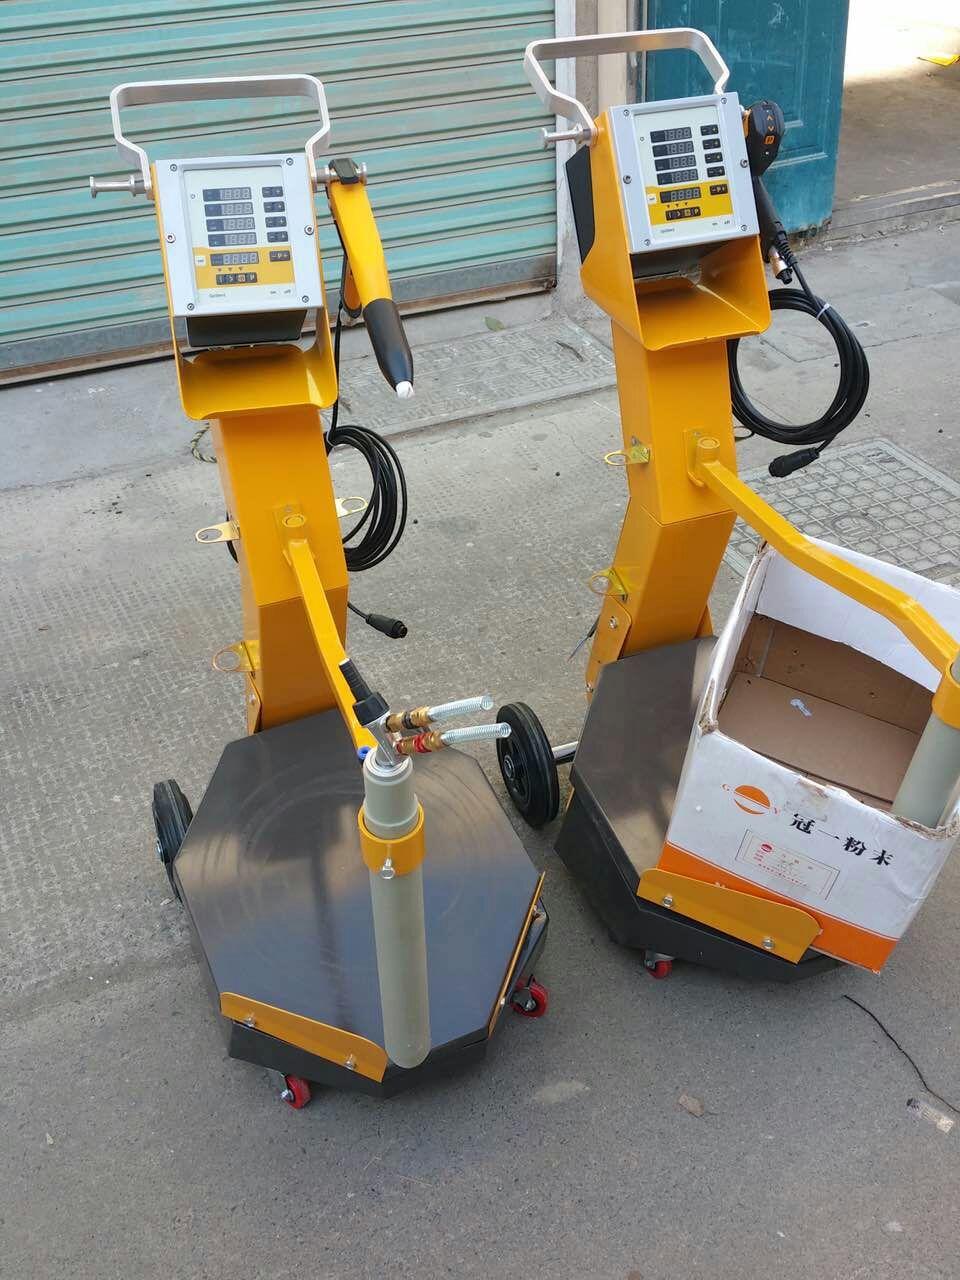 Box vibratory feeding Electrostatic powder coating machine suits for Optilex 2B